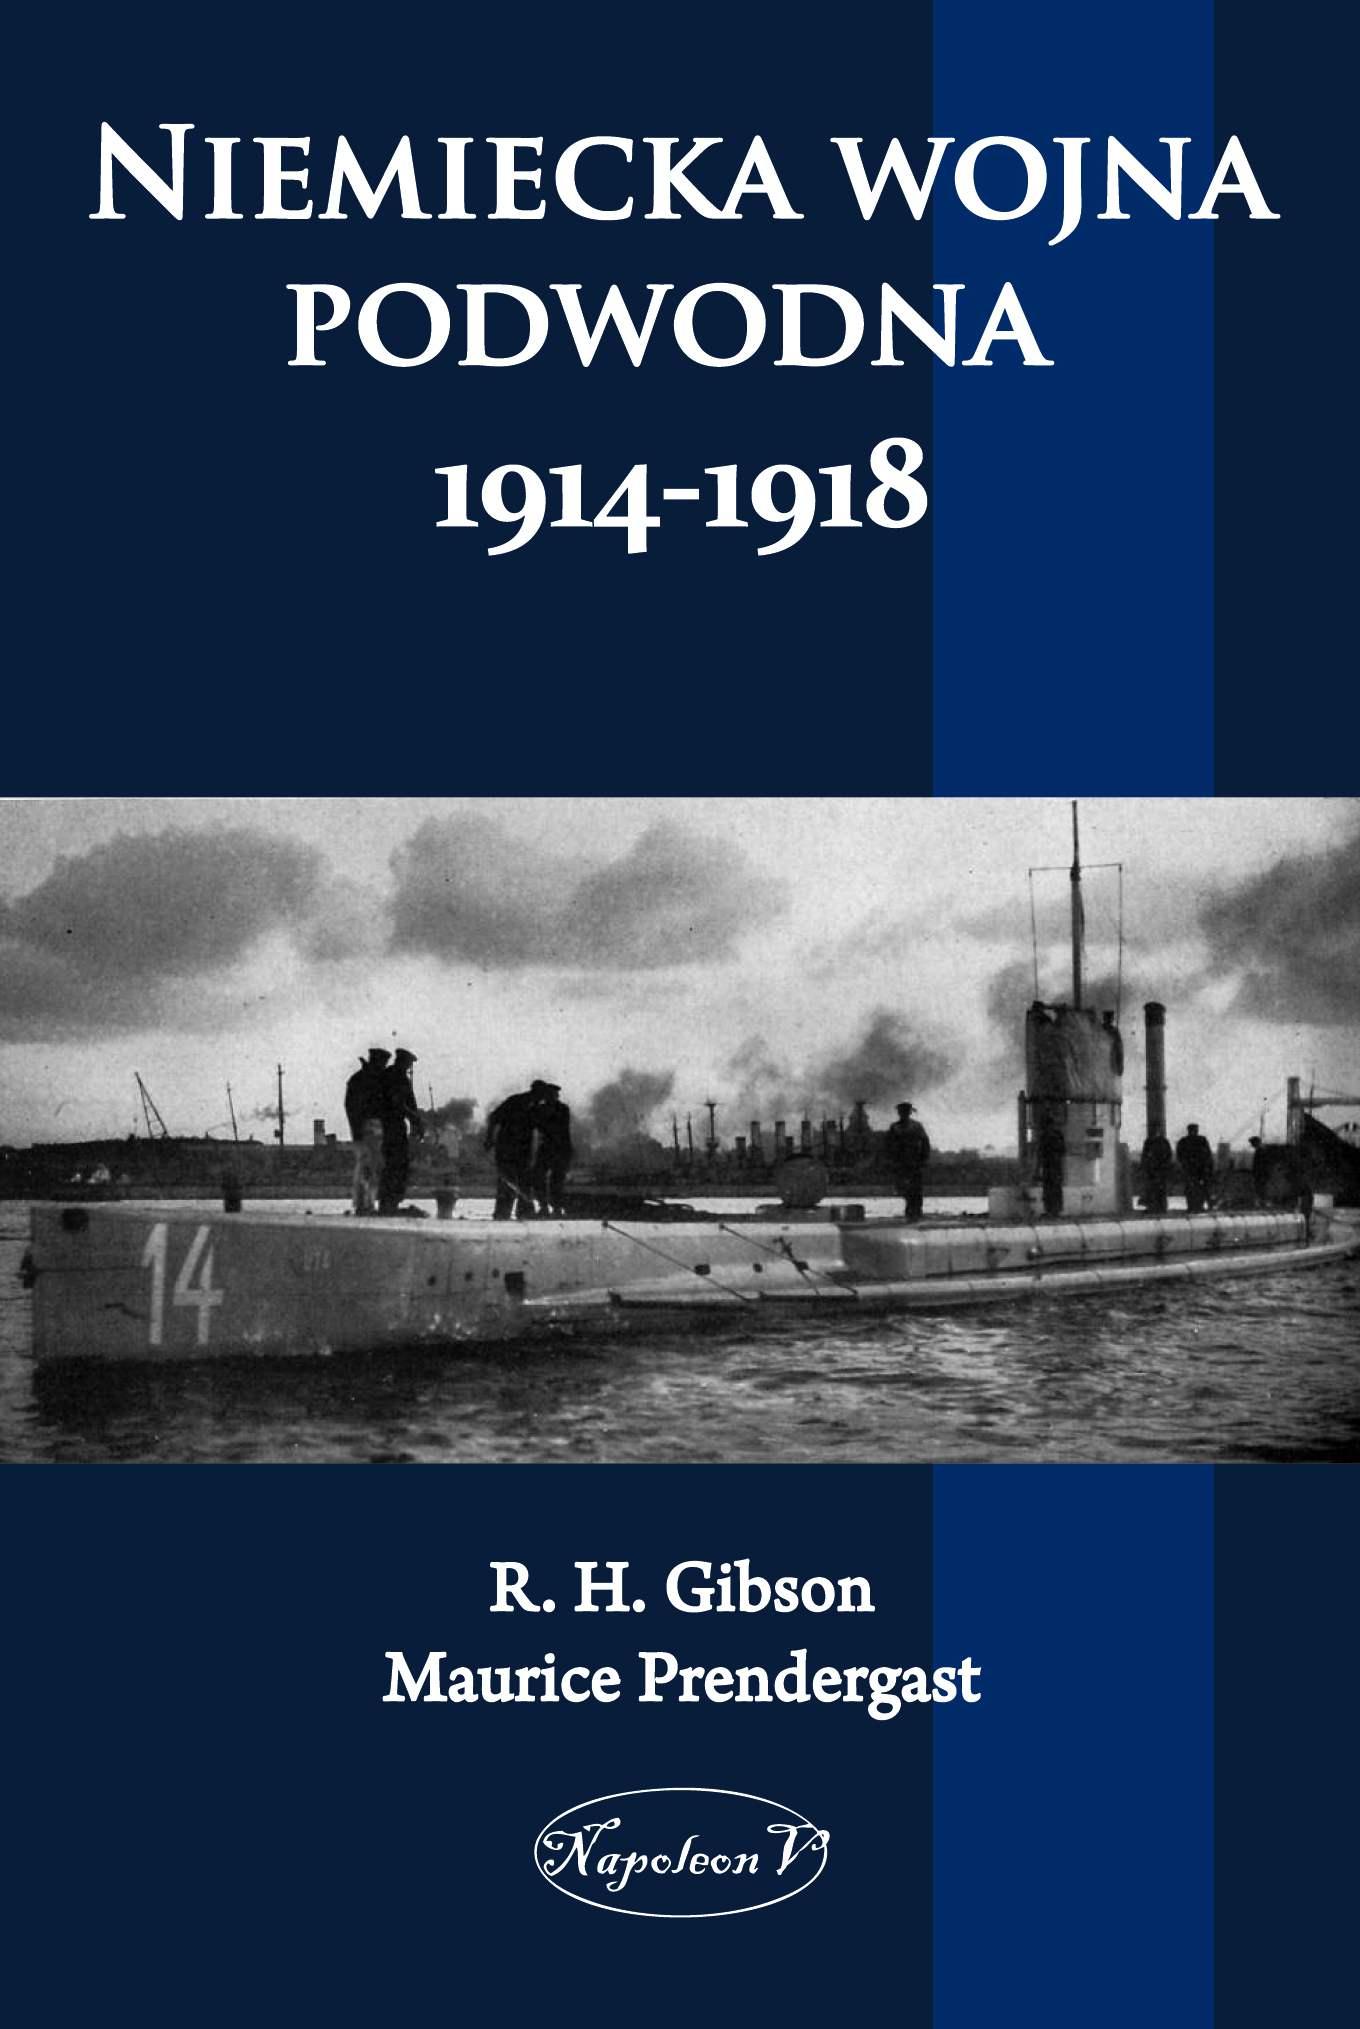 Niemiecka wojna podwodna 1914-1918 - Ebook (Książka EPUB) do pobrania w formacie EPUB